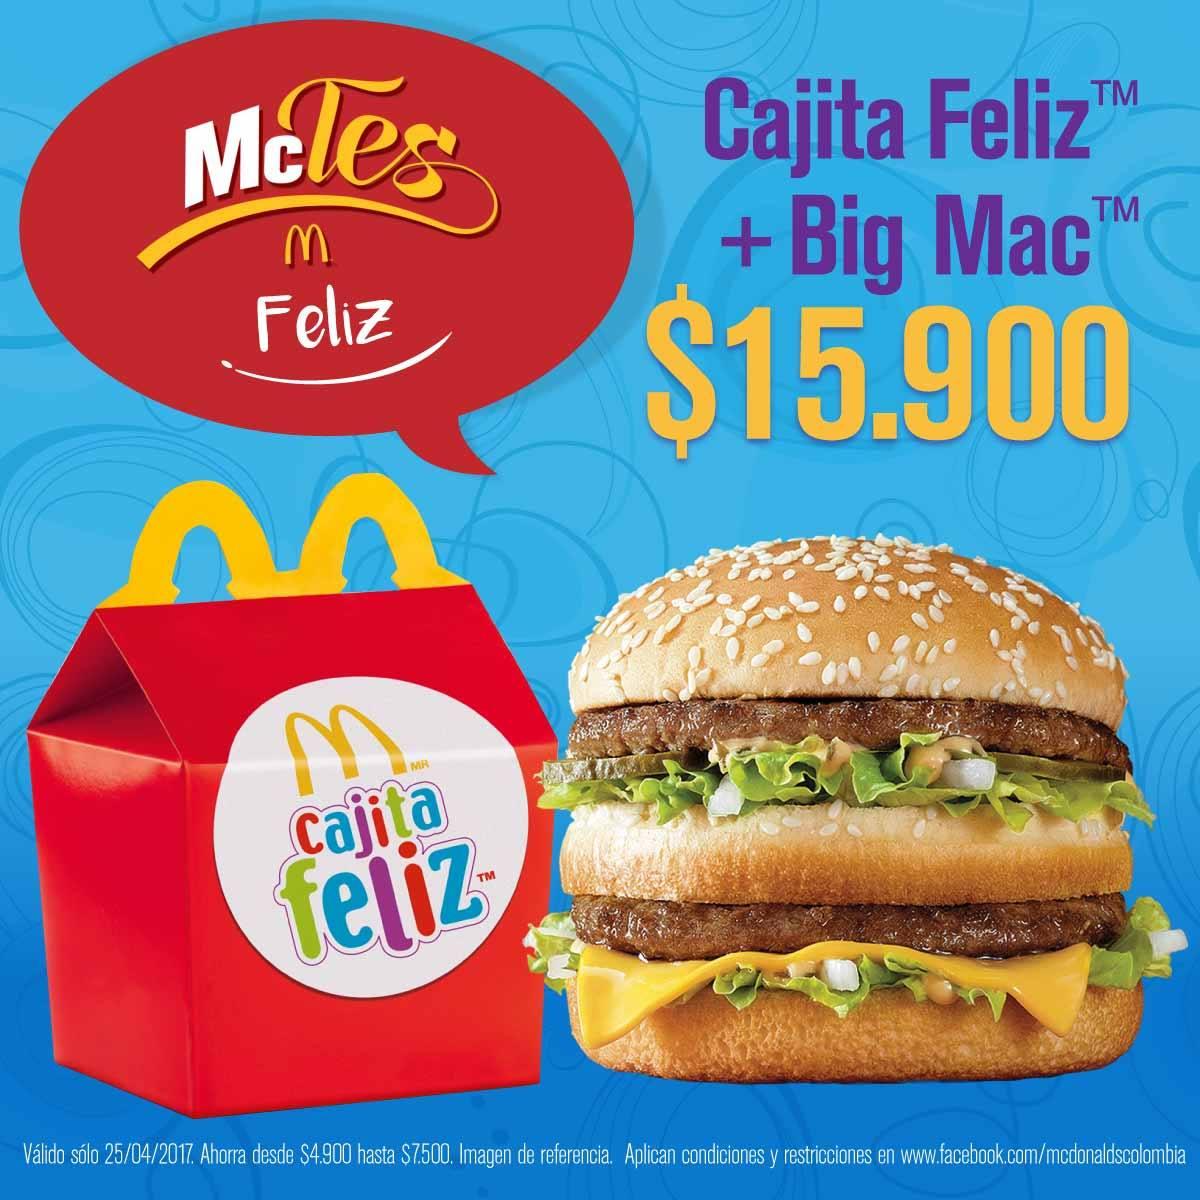 I'll take a Big Mac and fries, please!